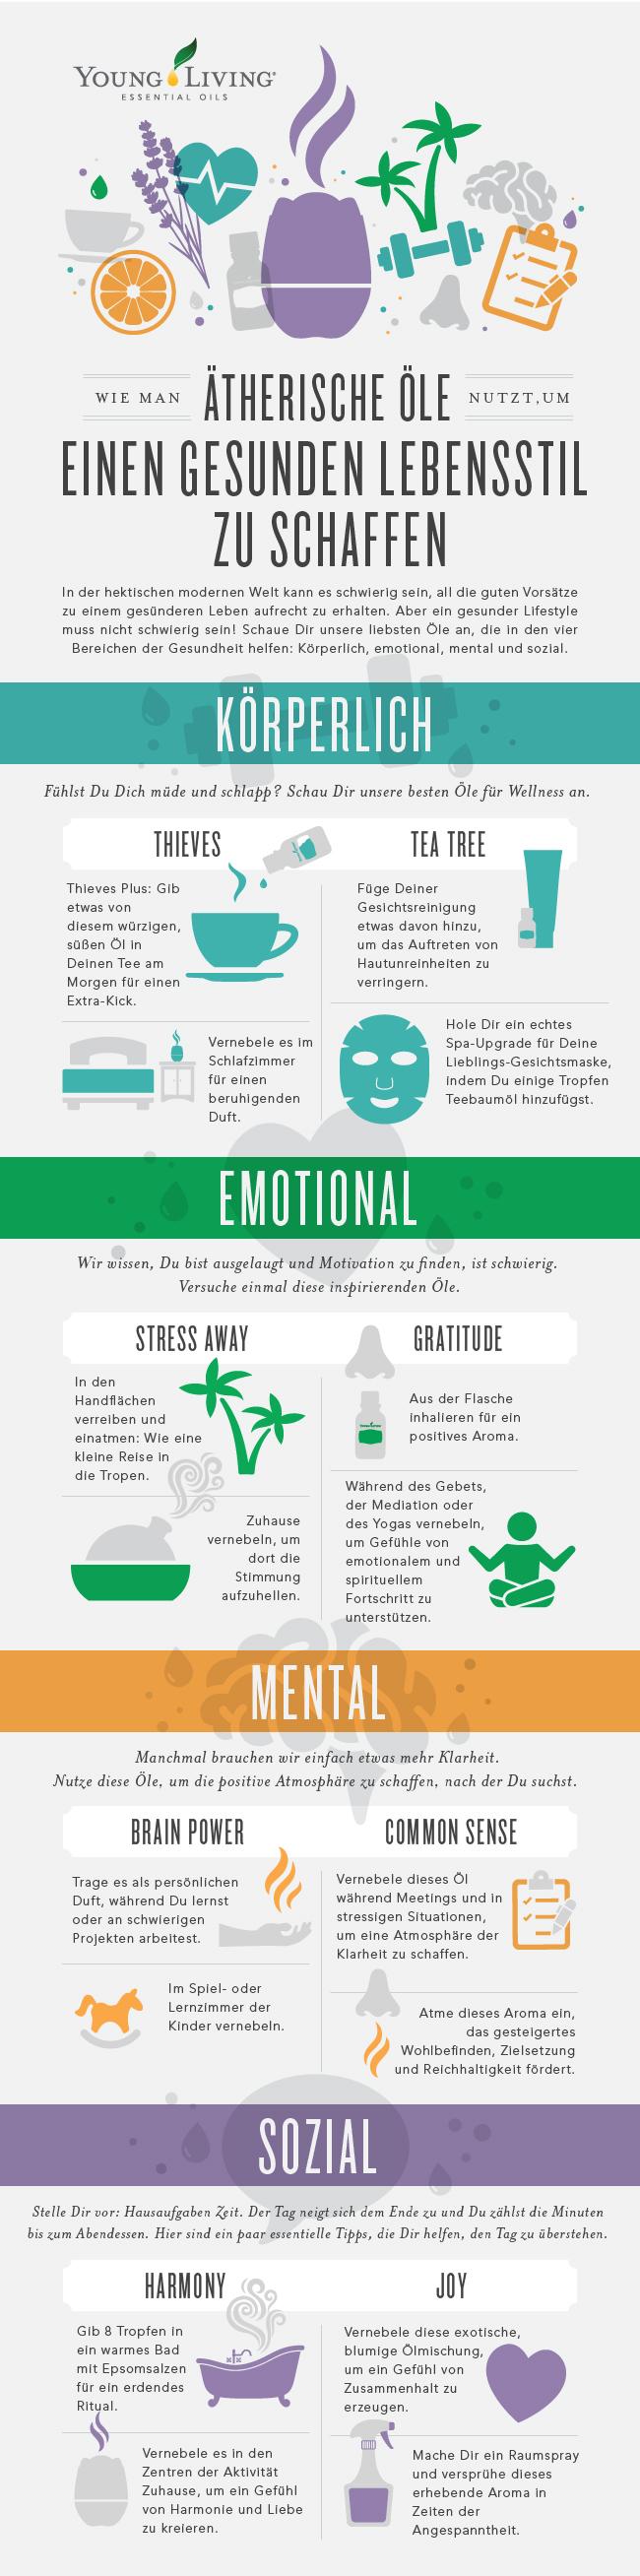 Infografik: Ätherische Öle für die mentale, körperliche, emotionale und soziale Gesundheit